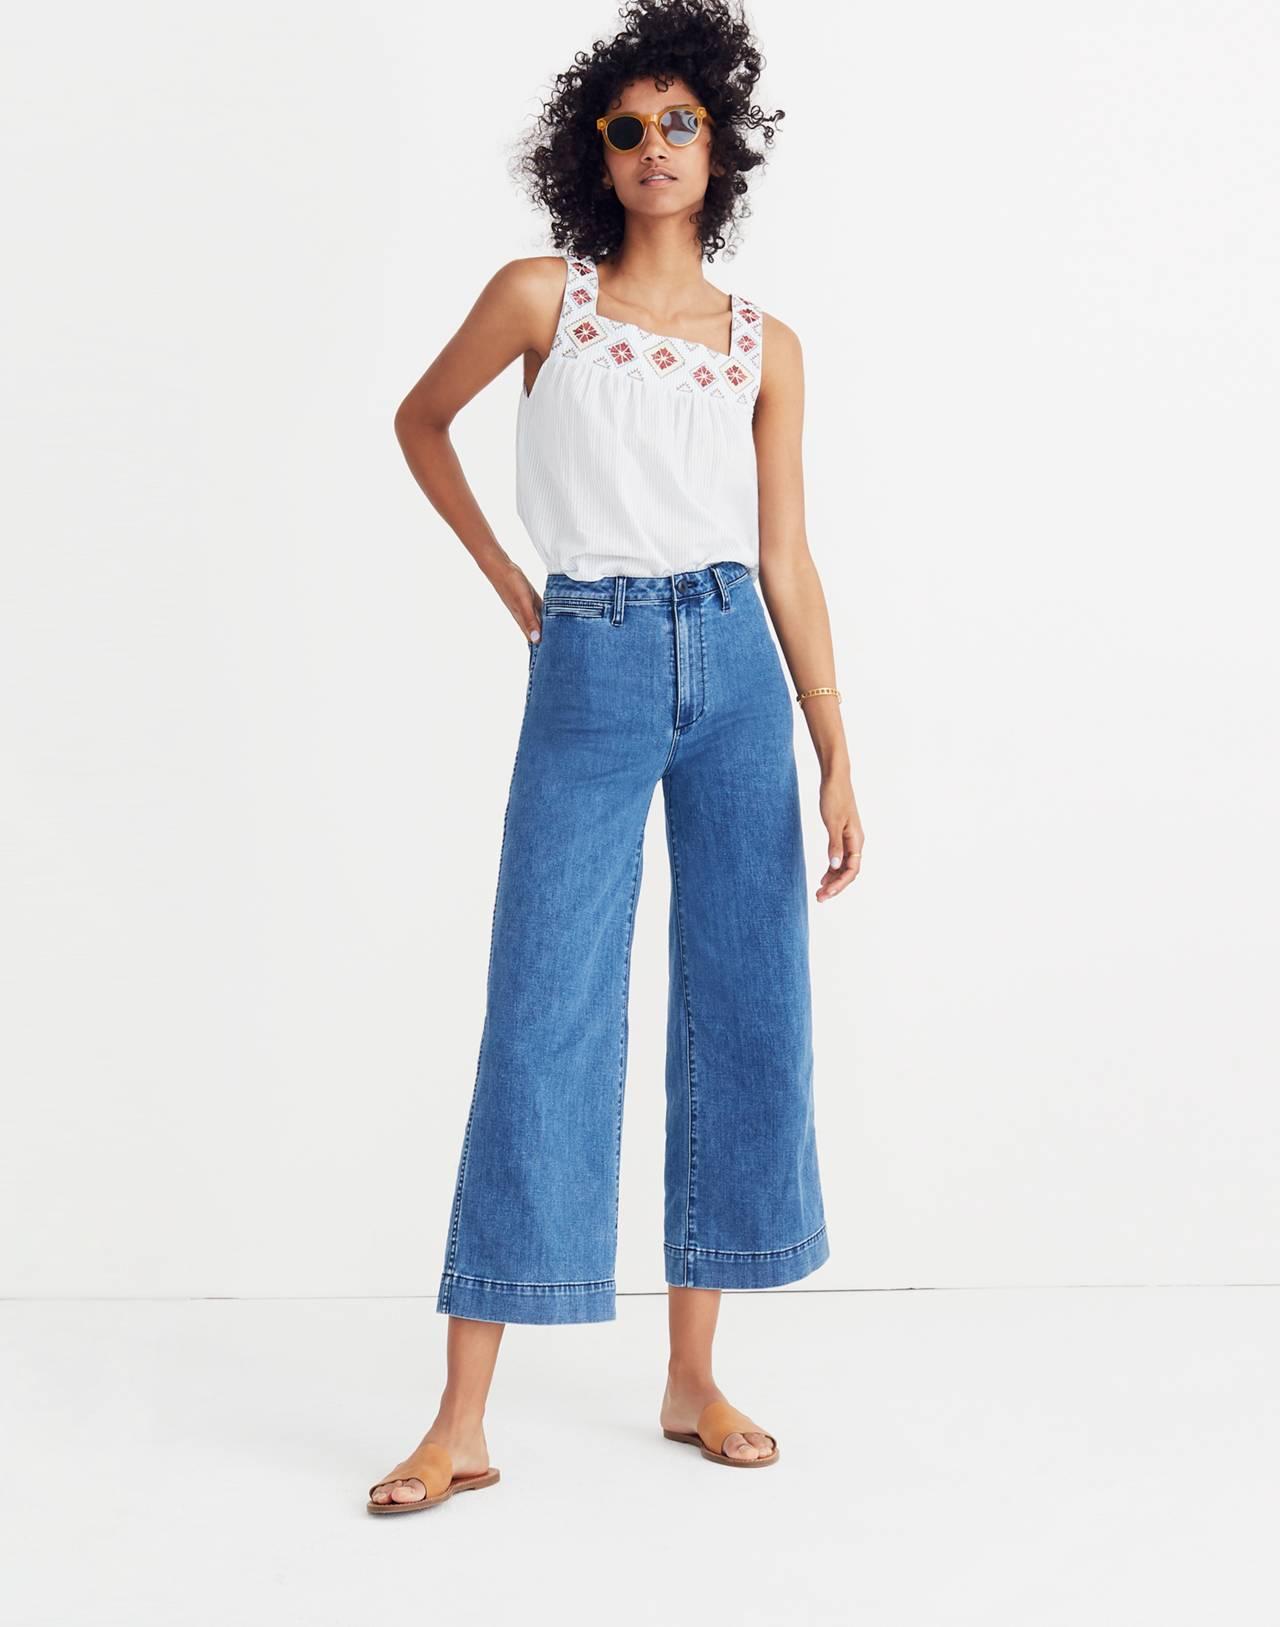 Tall Emmett Wide-Leg Crop Jeans in Rosalie Wash in rosalie wash image 1